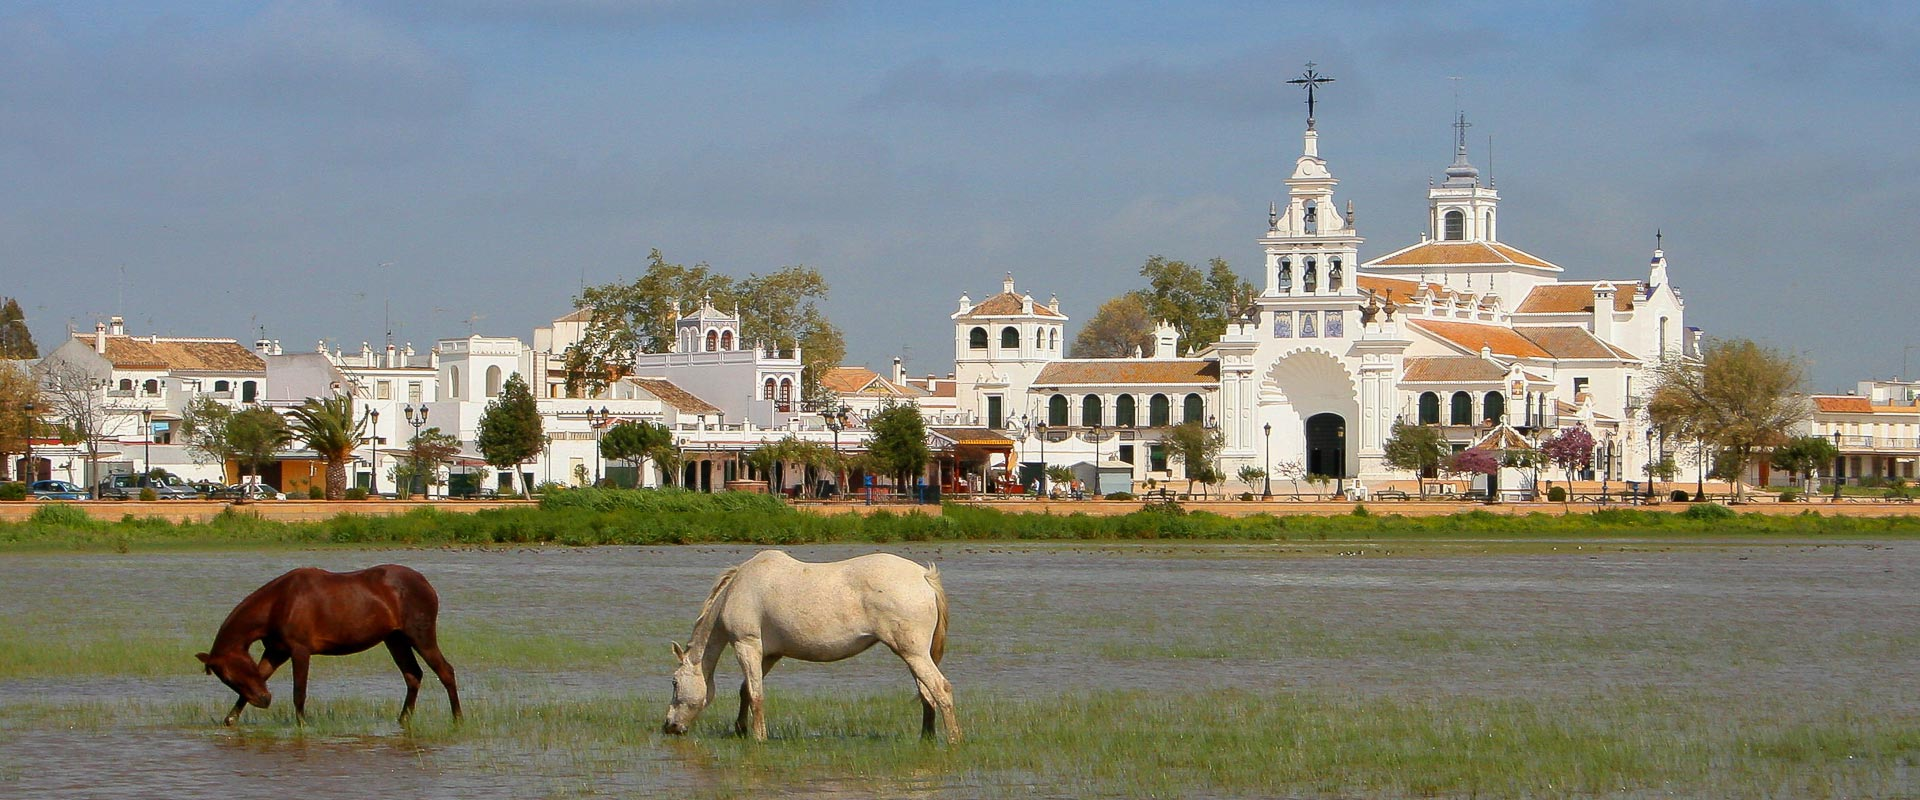 ermita-con-caballos